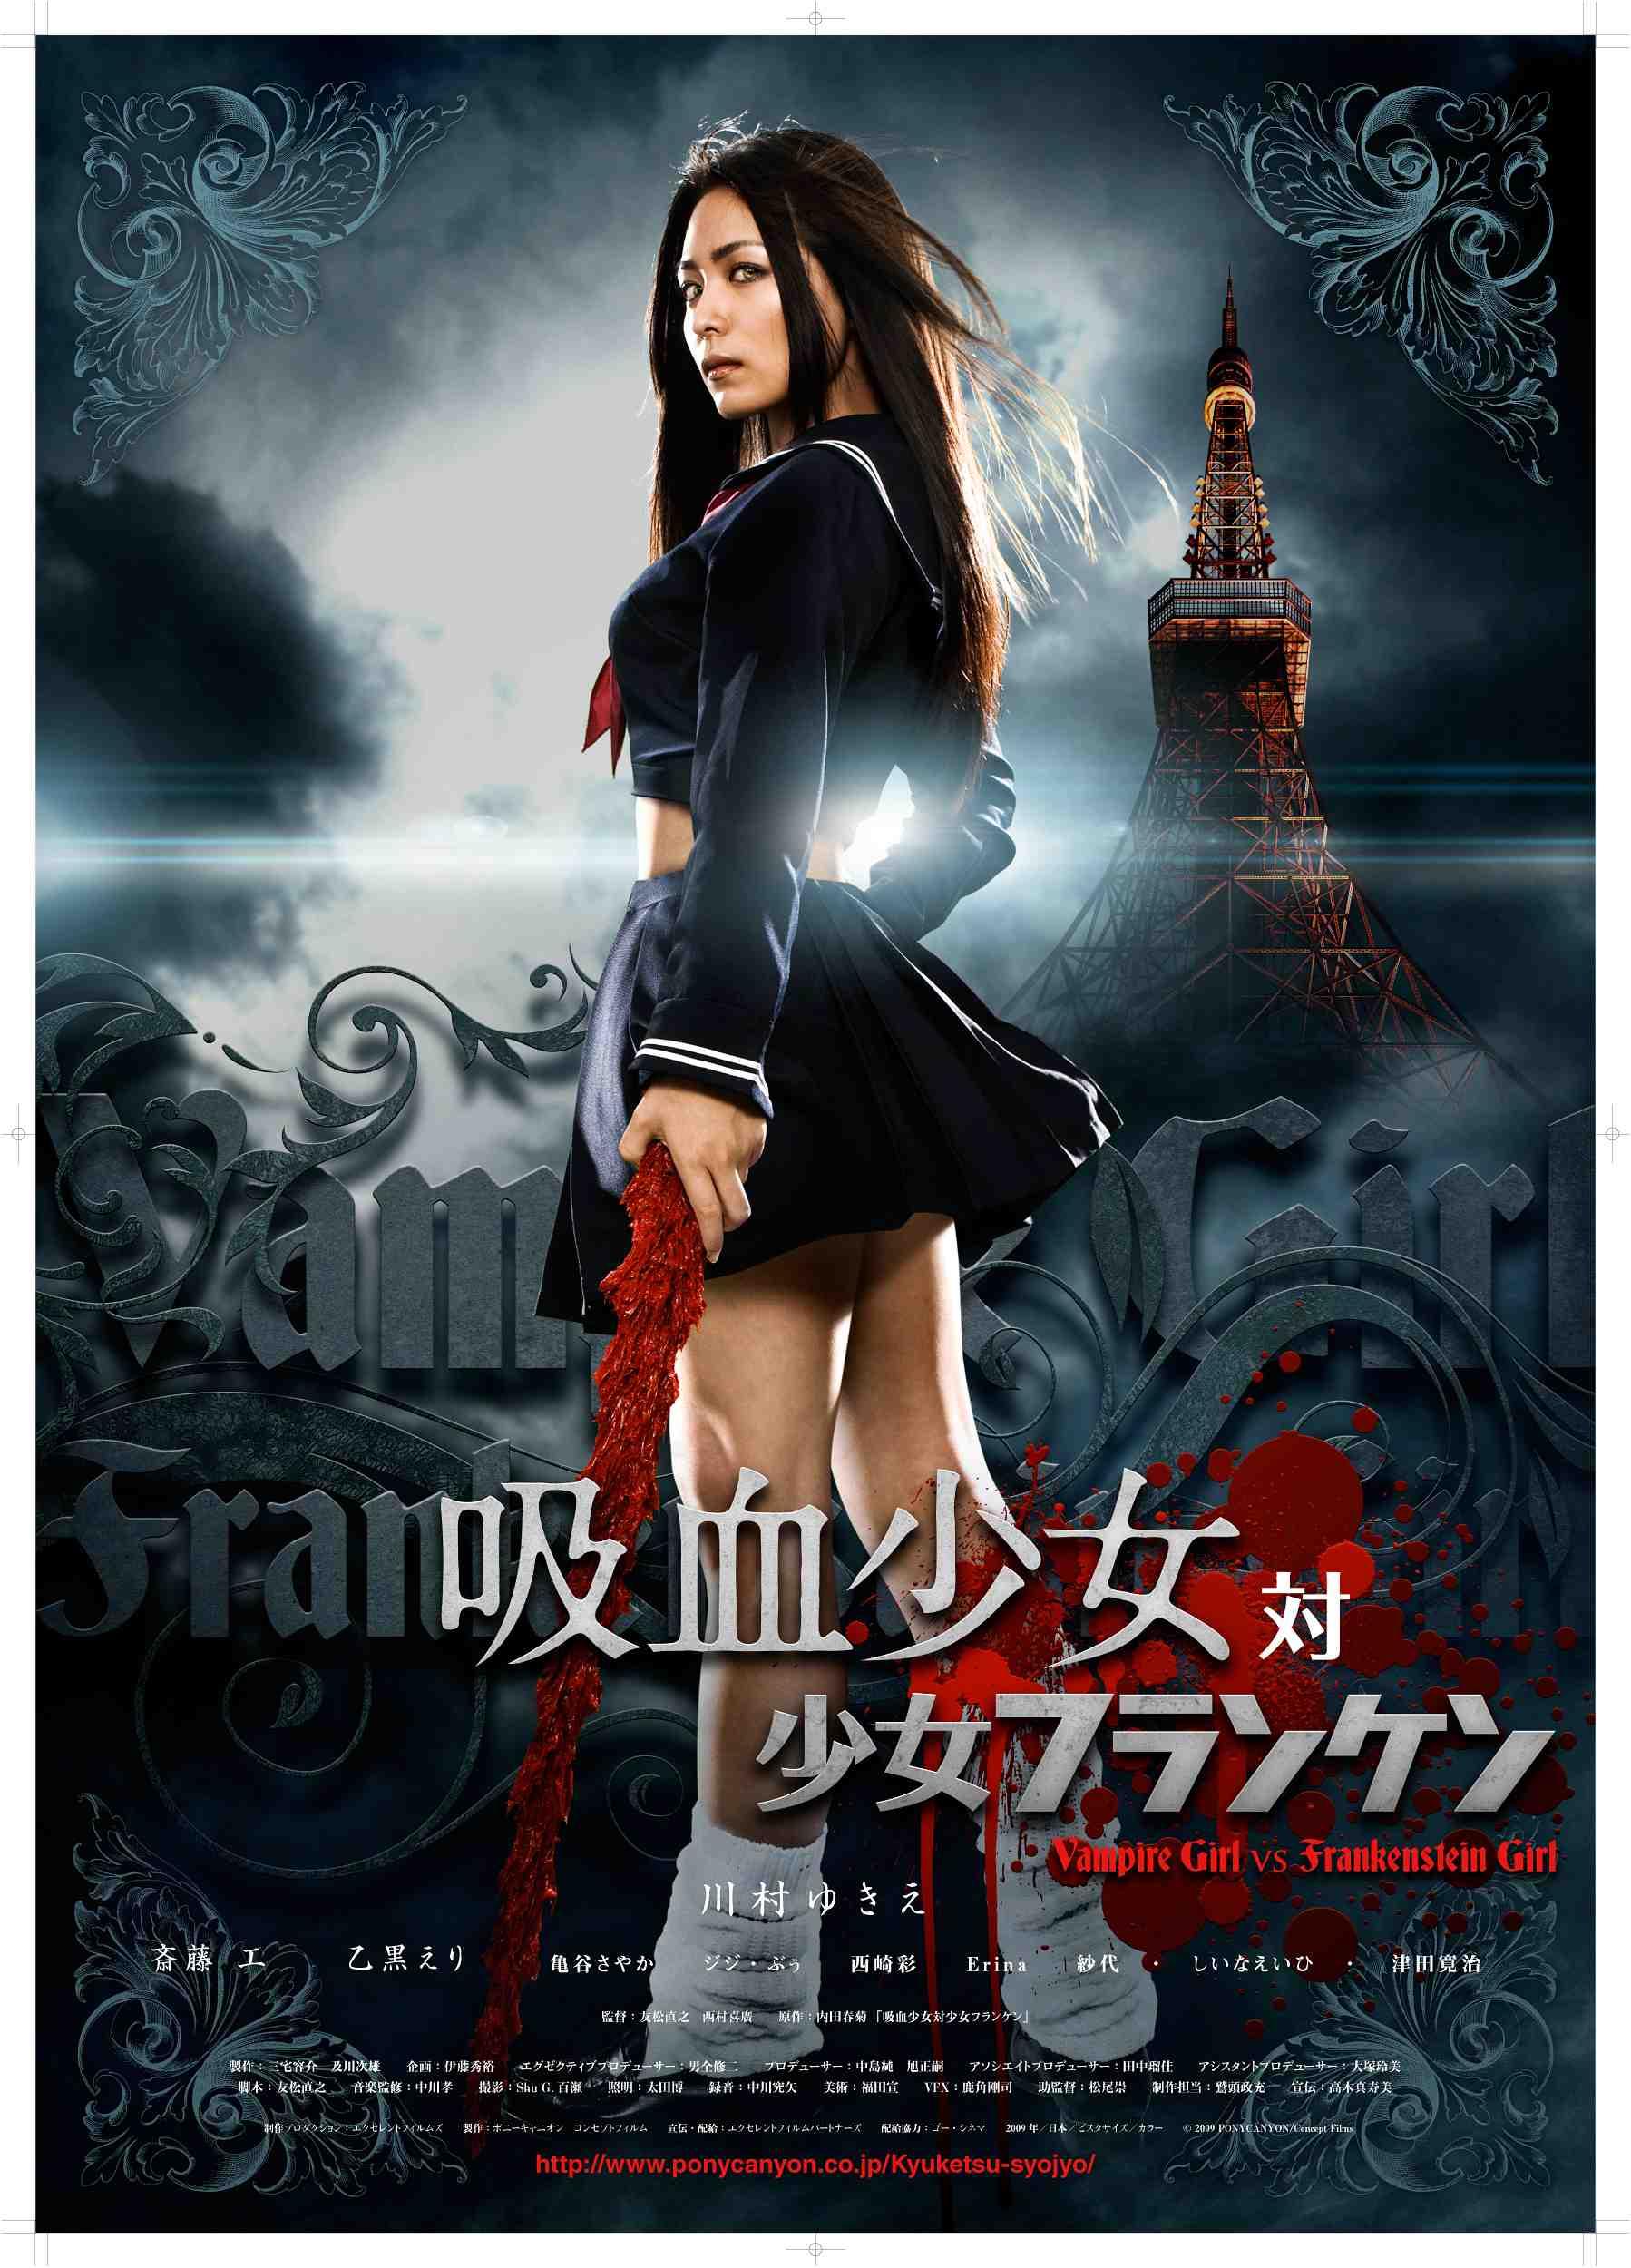 vampire-girl-vs-frankenstein-girl-poster